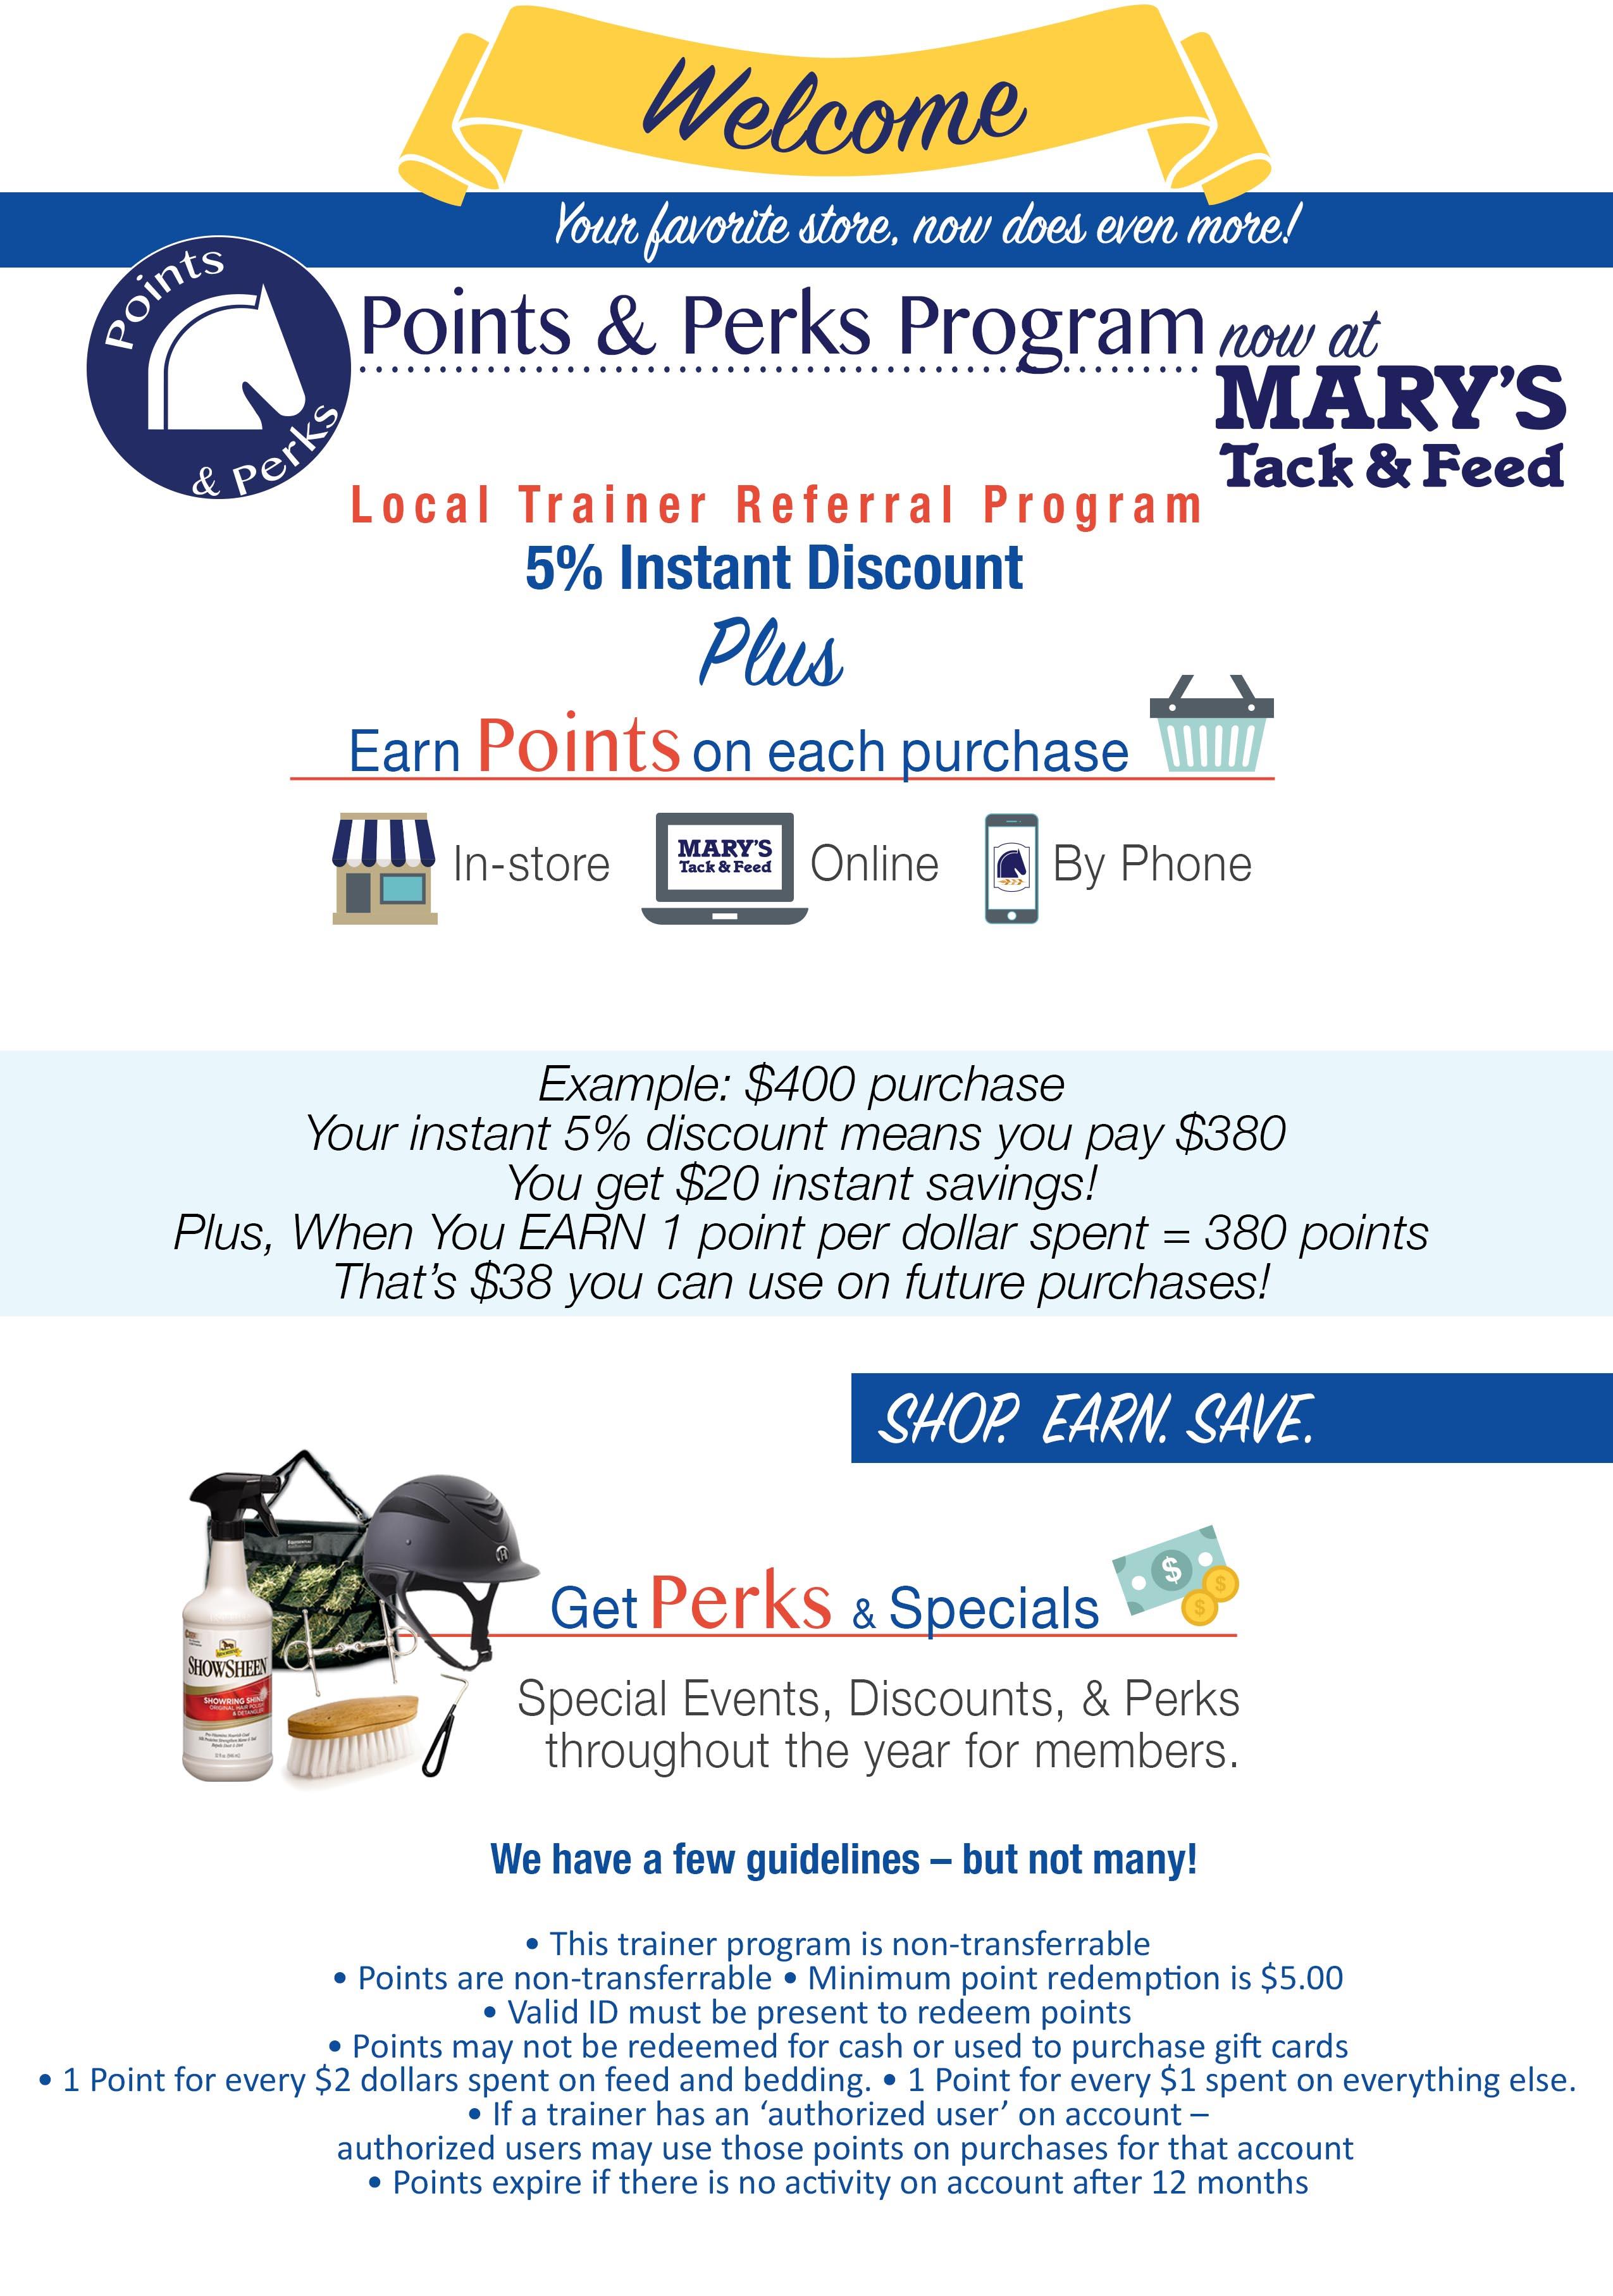 Trainer Points & Perks Program